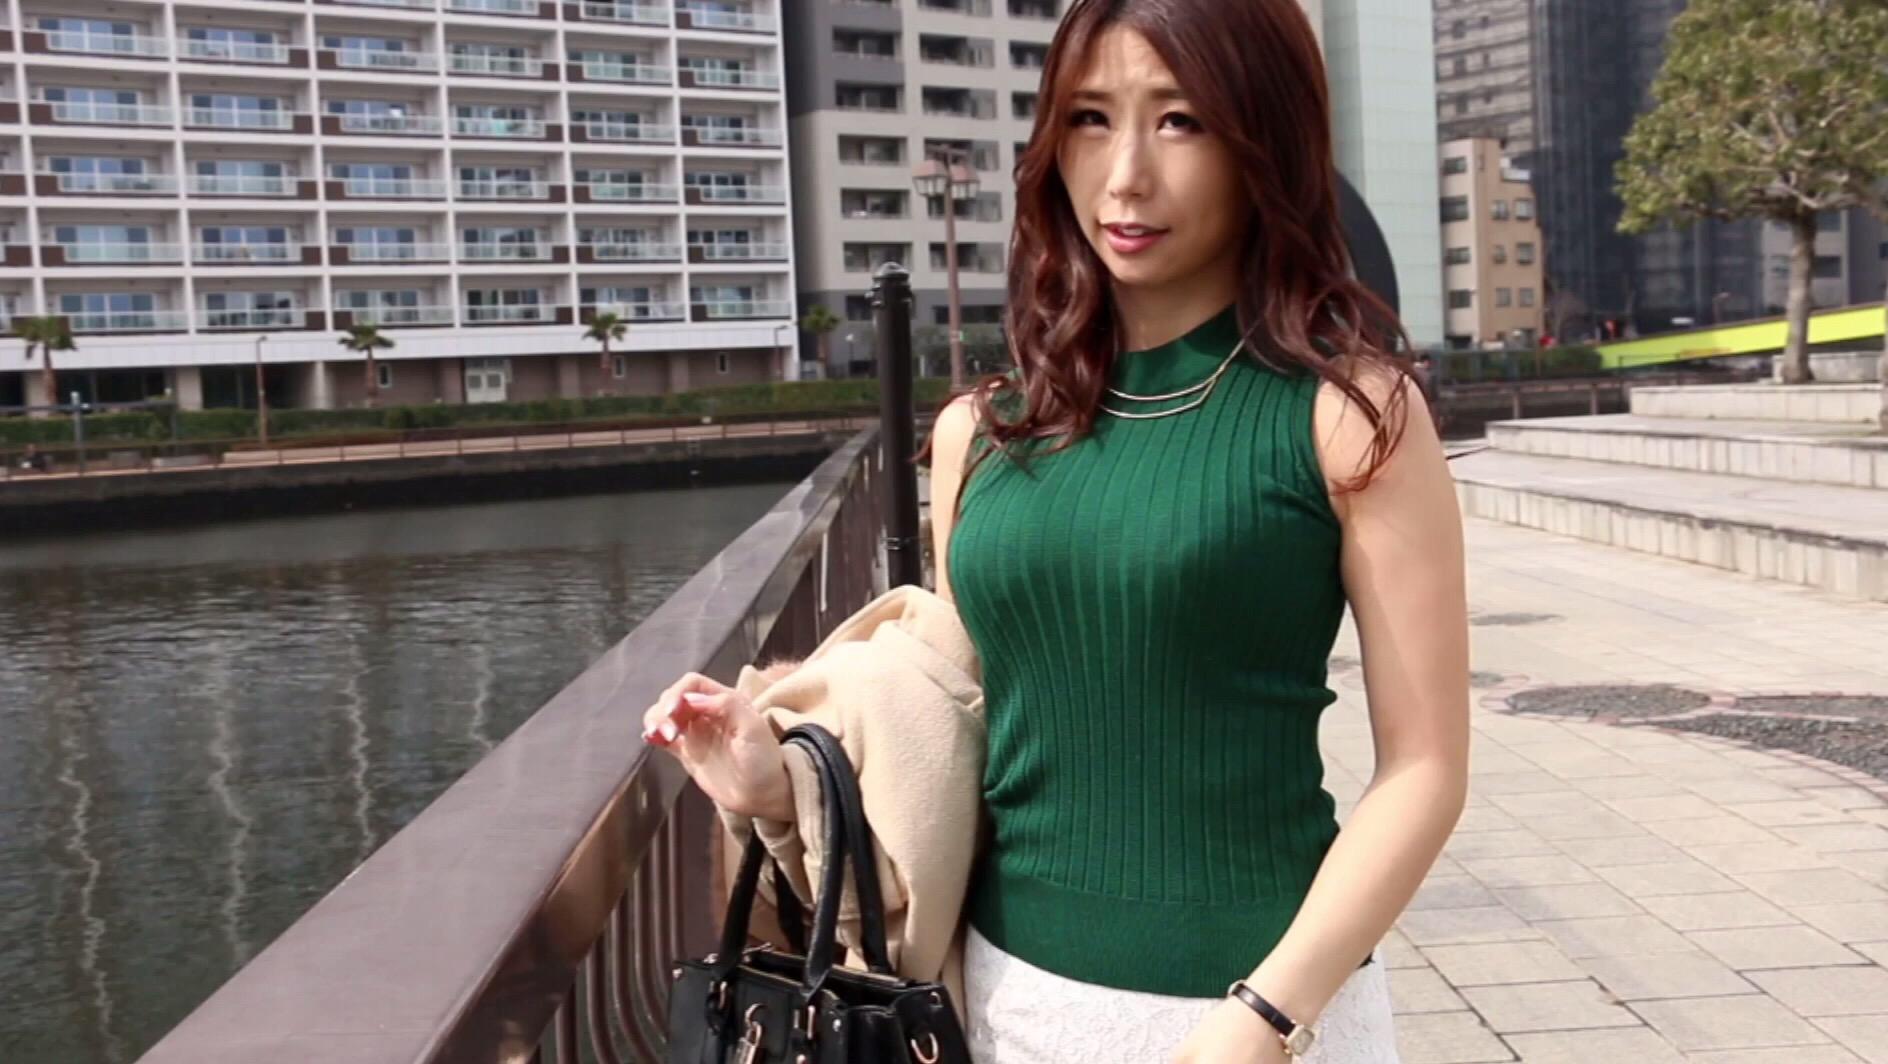 【着エロ画像】乳袋ならもっとイイ!二の腕と体のライン浮きが売りのハイネックノースリーブ姿www 05